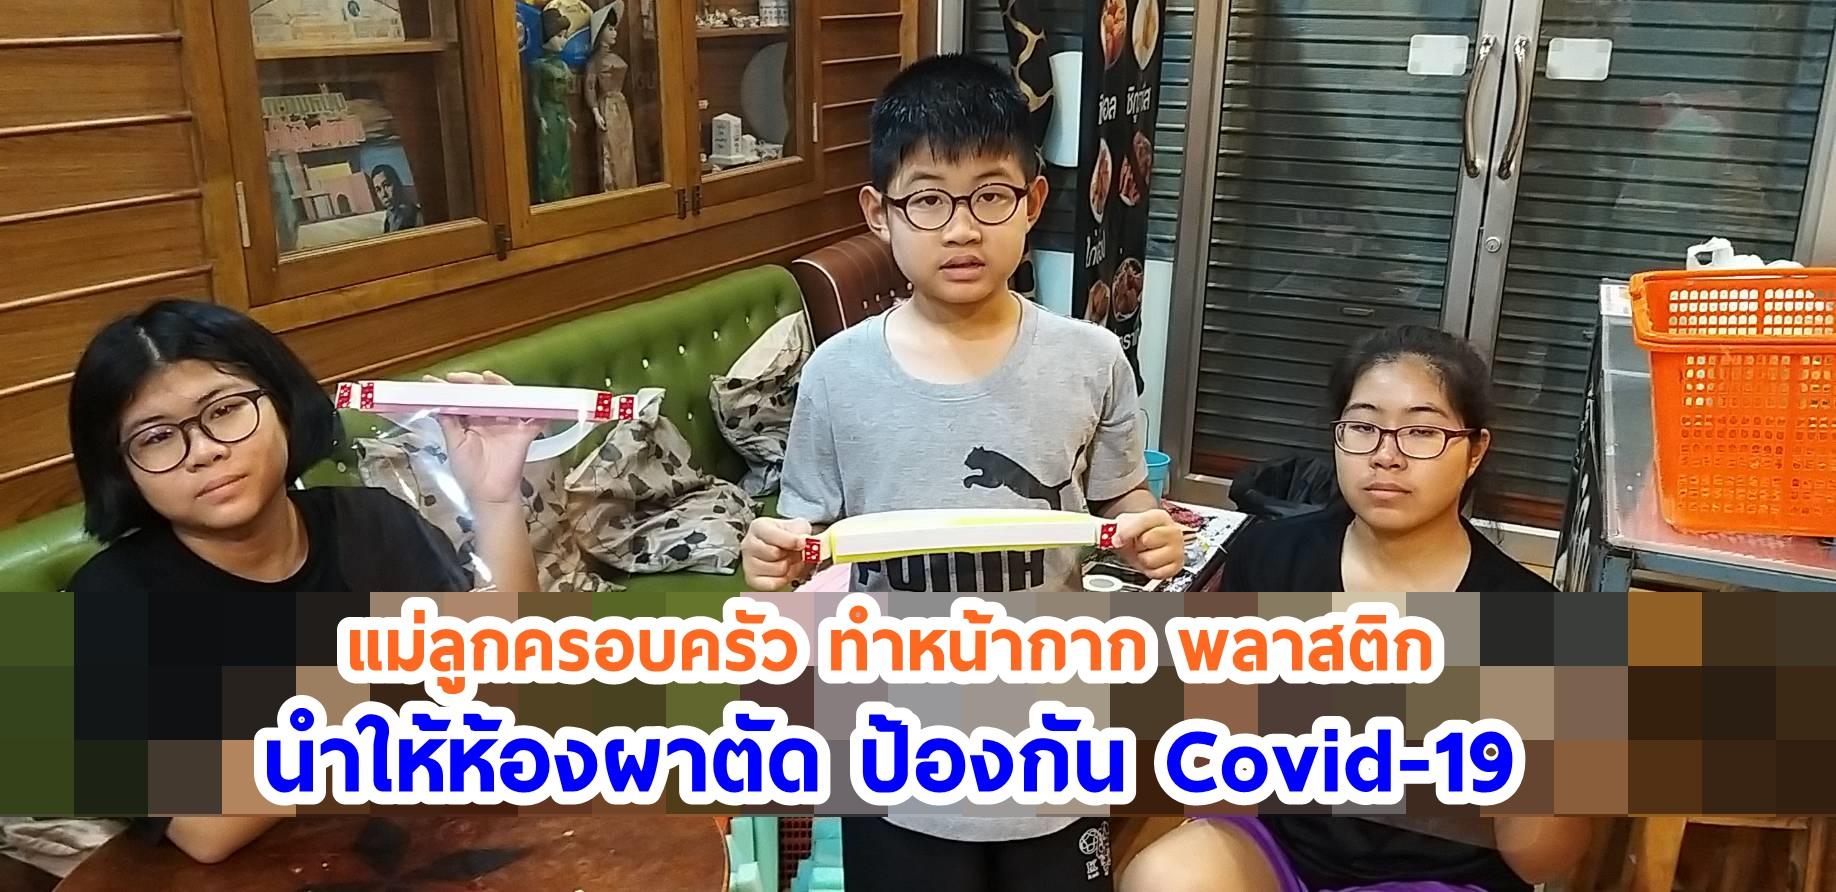 เลย แม่ลูกครอบครัว ทำหน้ากาก พลาสติก นำให้ห้องผาตัด ป้องกัน Covid-19